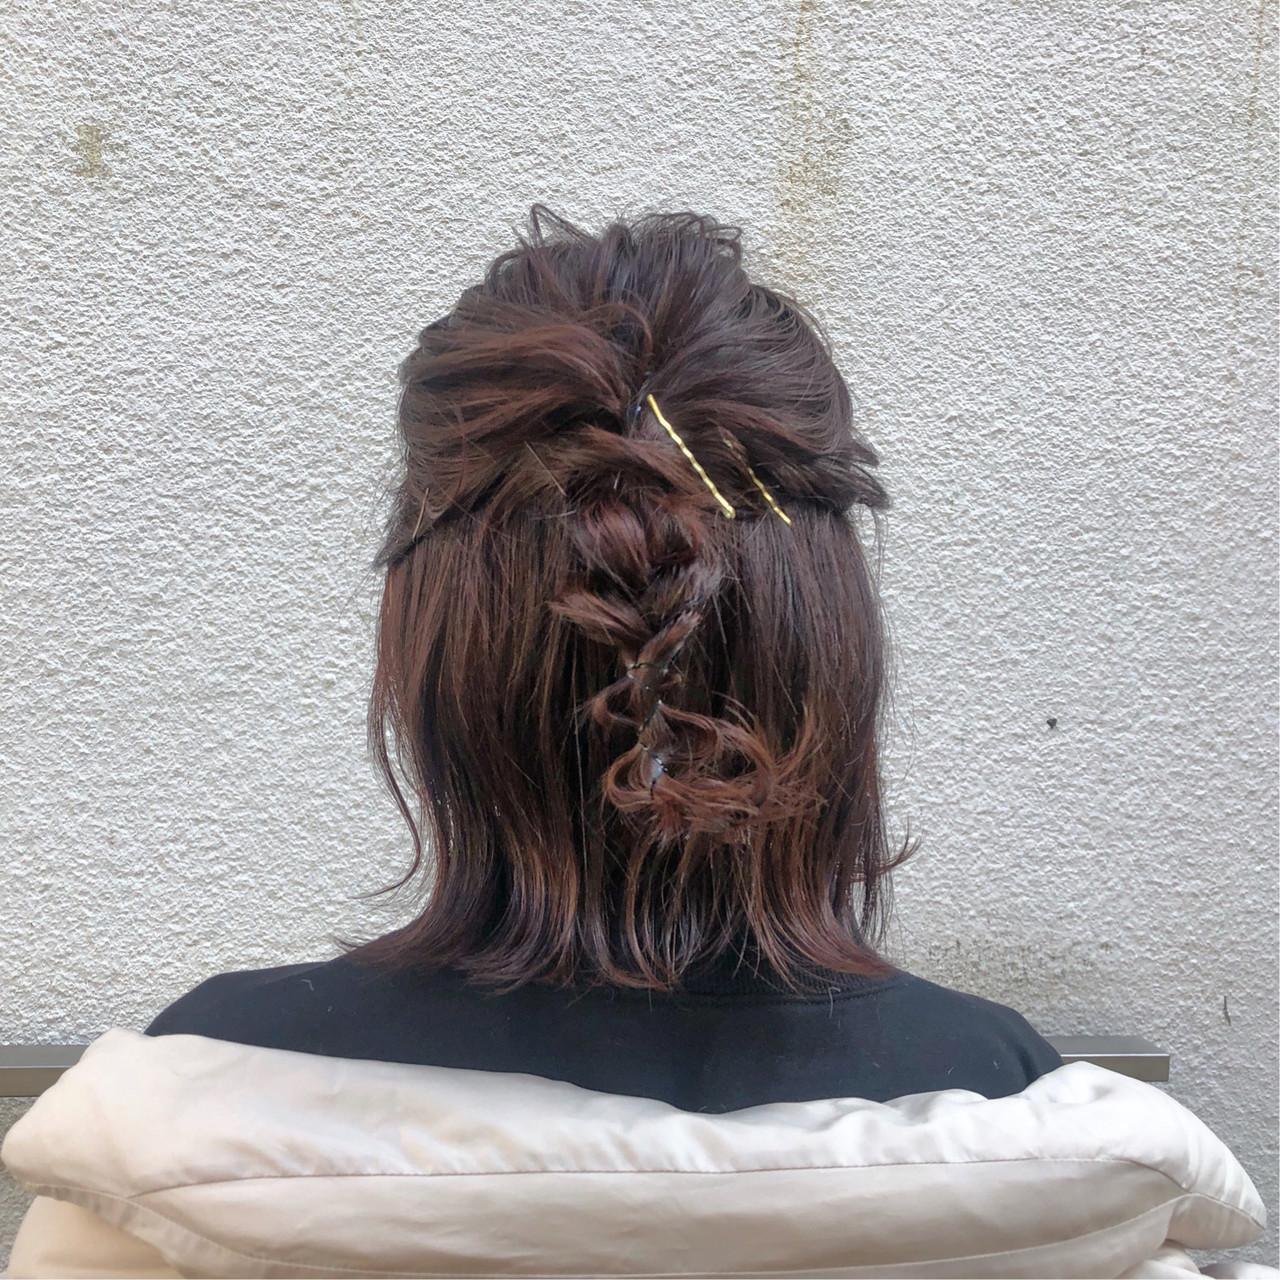 アンニュイほつれヘア ヘアアレンジ ハーフアップ デート ヘアスタイルや髪型の写真・画像